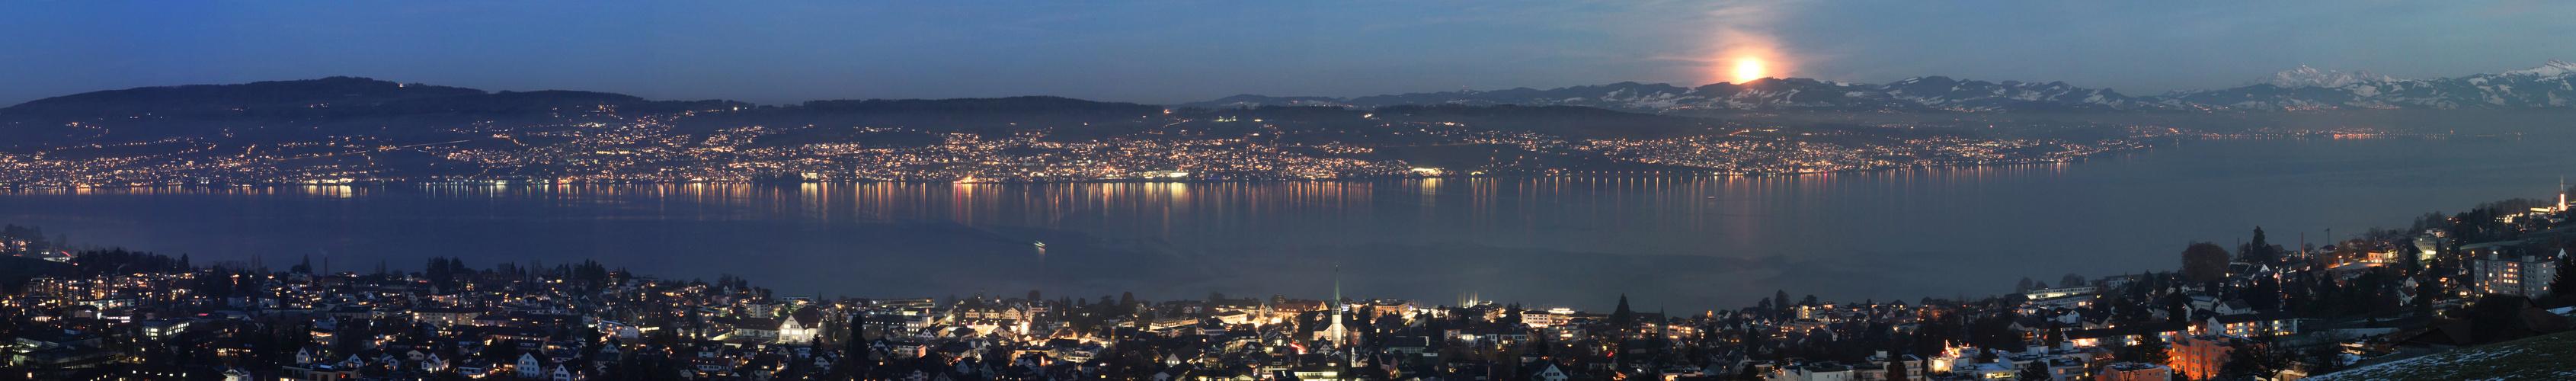 Hoch über dem Zürich See